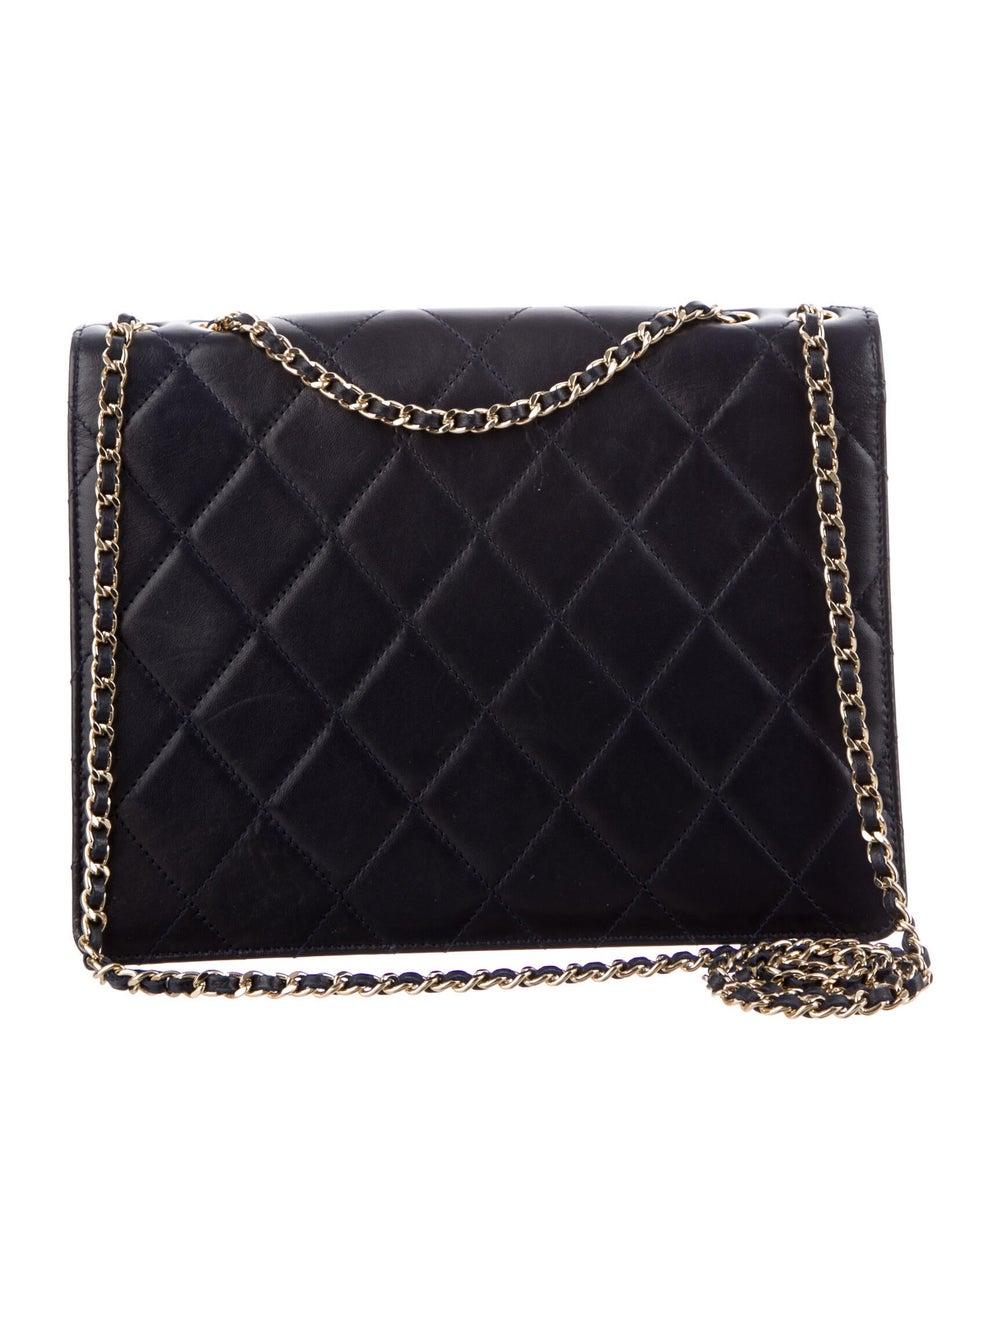 Chanel Golden Class Medium Flap Bag Blue - image 4